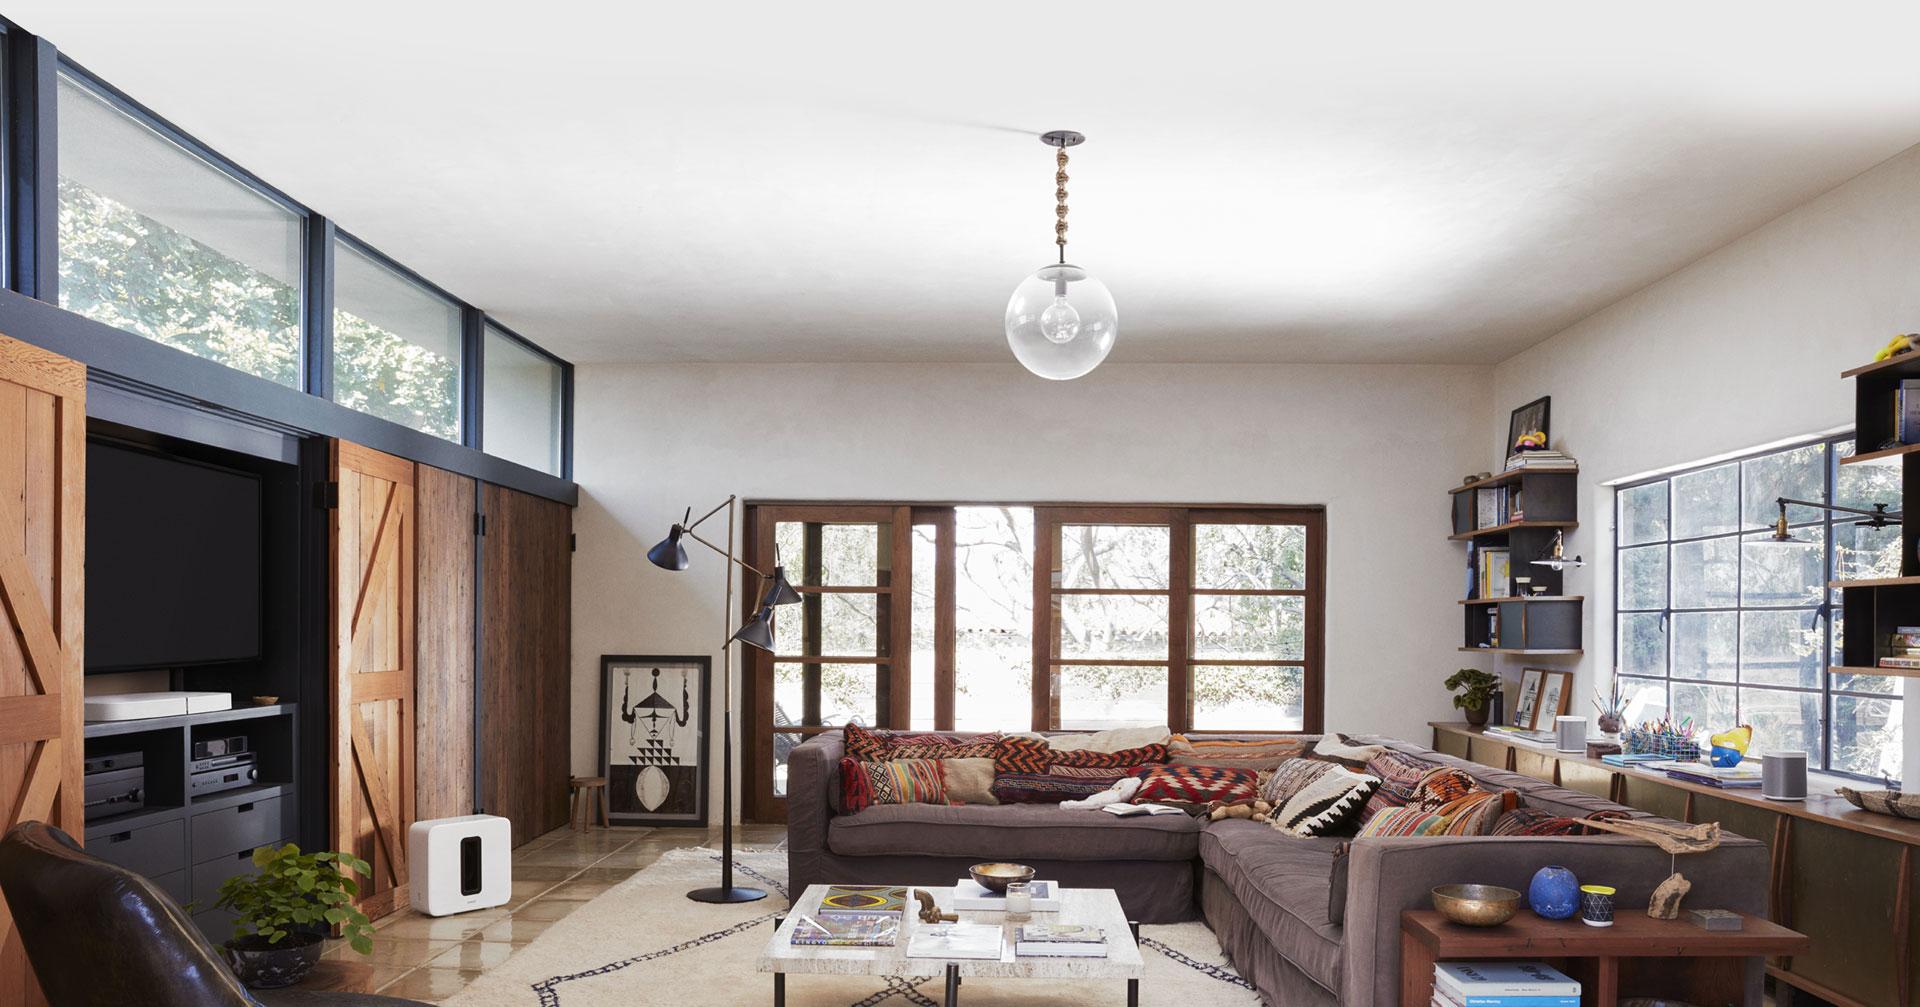 Sonos PLAYBASE im neuen Wohnzimmer – smartraum